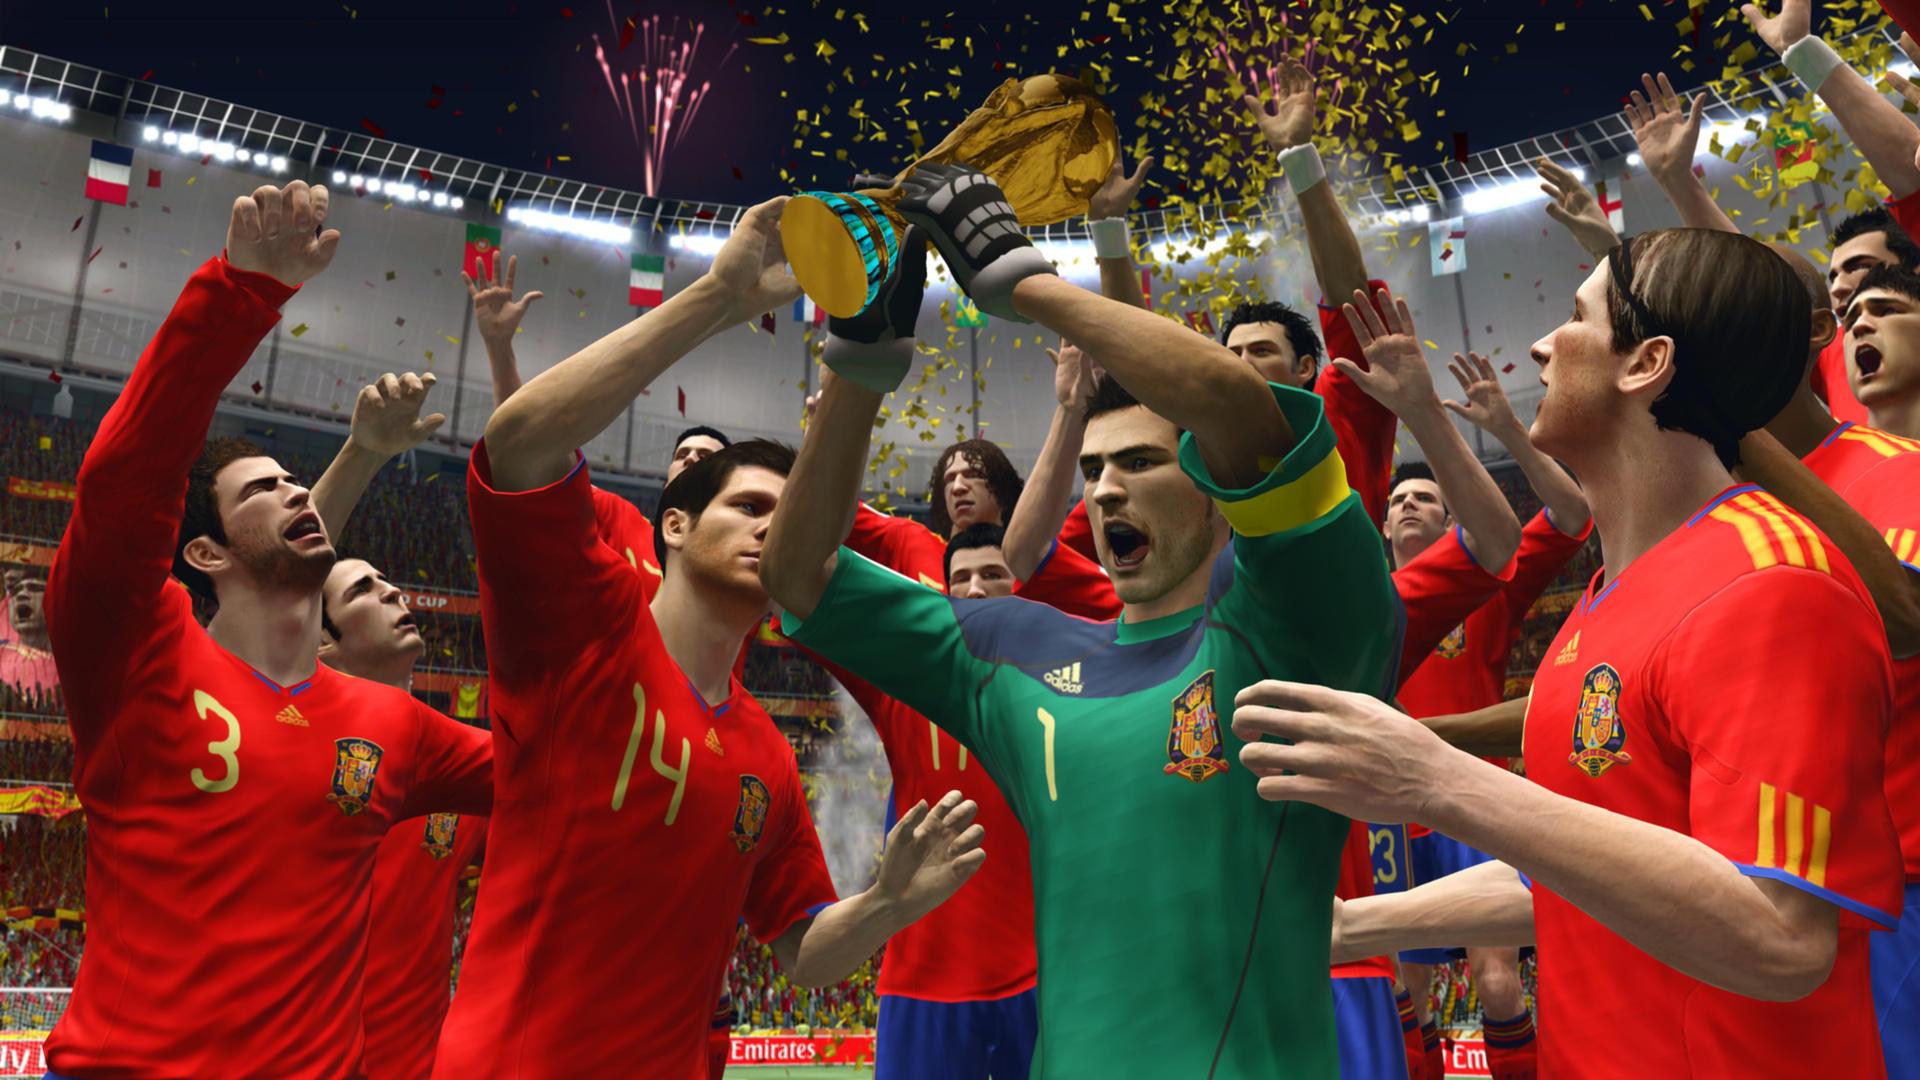 2010 FIFA WORLD CUP SOUTH AFRICA (2010) (Xbox 360, PS3, Wii, PSP e iOS) | Capa: imagem da Copa do Mundo | Narração e comentários: Clive Tyldesley e Andy Townsend